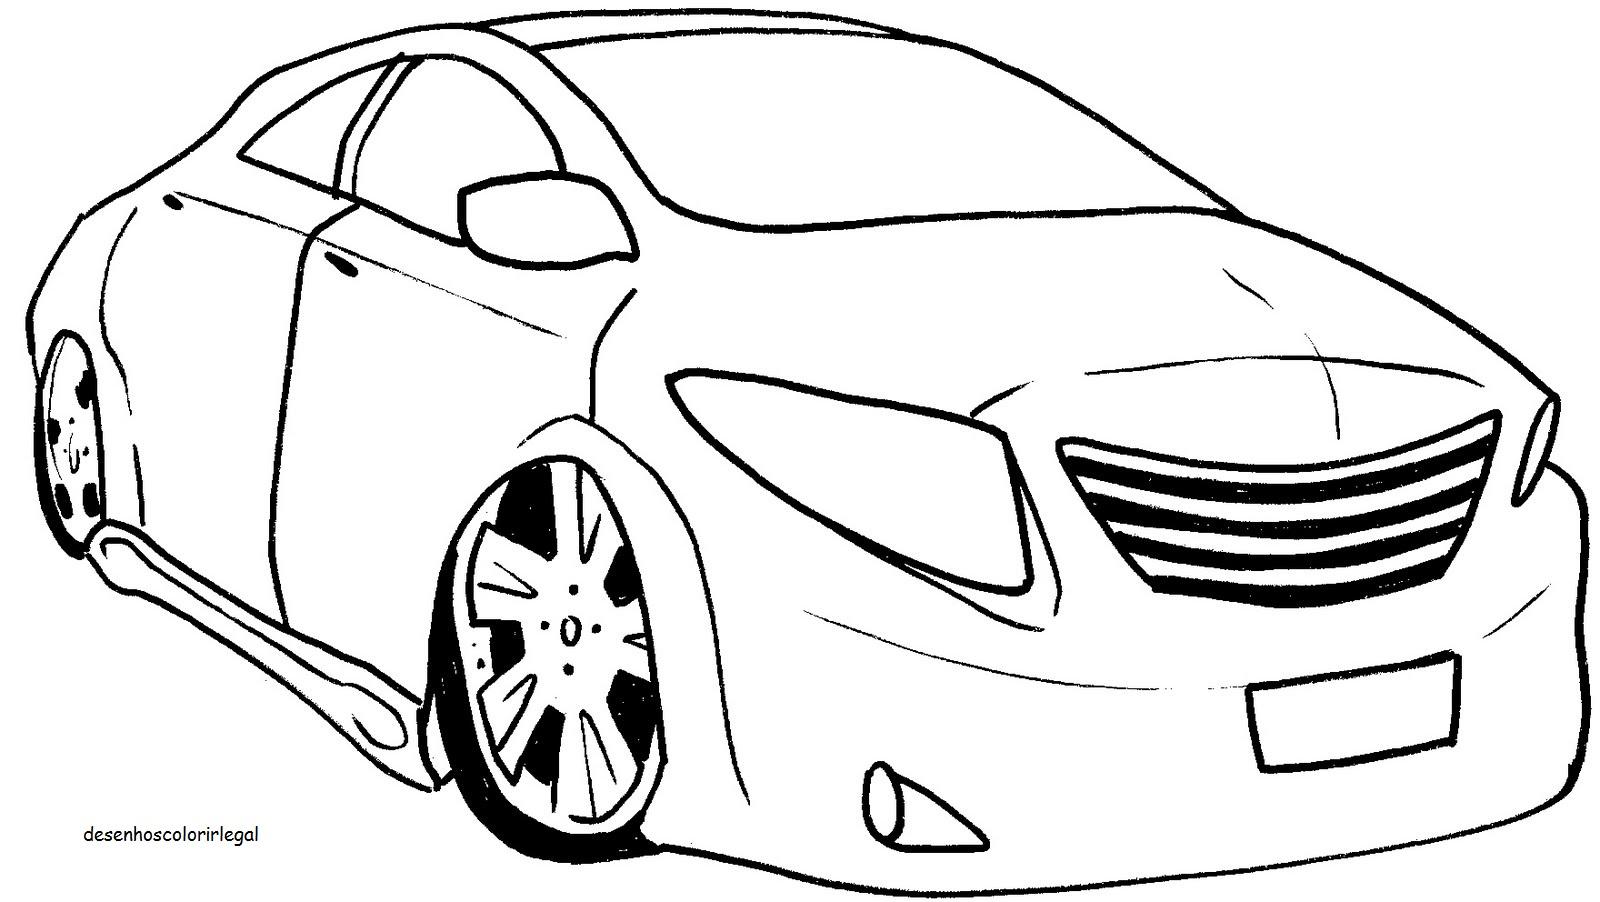 desenhos colorir legal desenho de carro traÇos simples para colorir